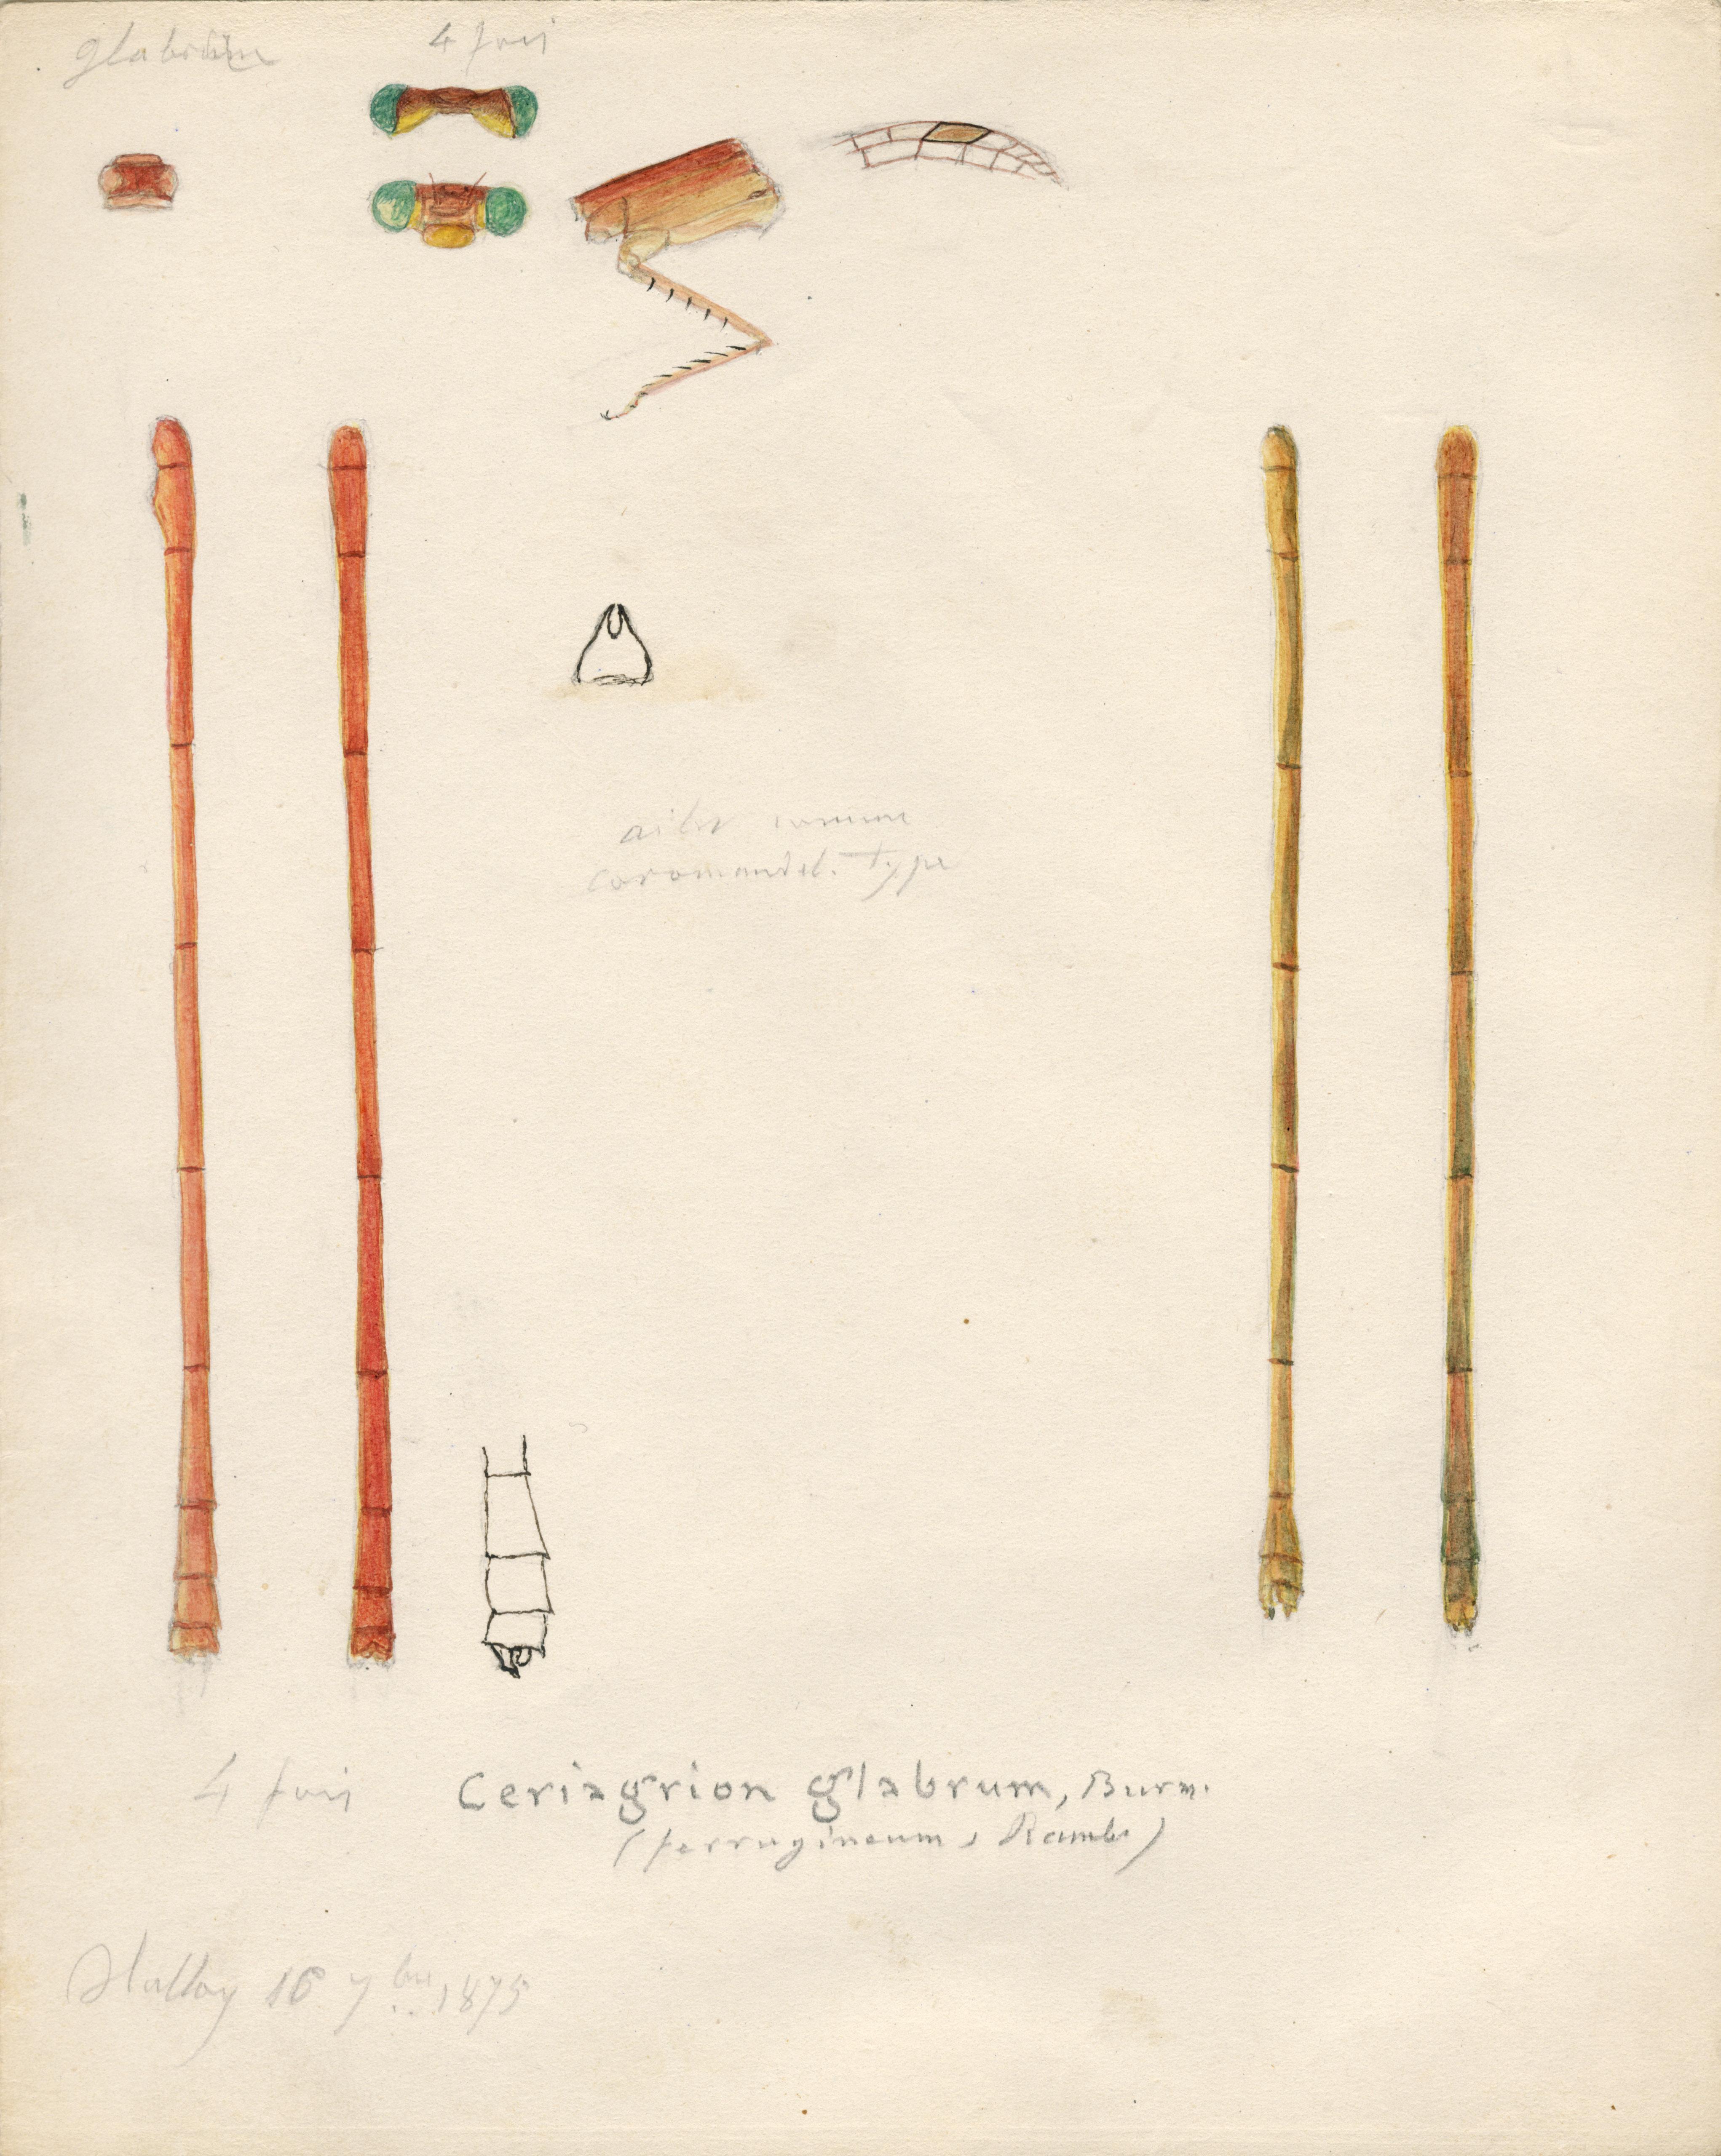 Ceriagrion glabrum.jpg